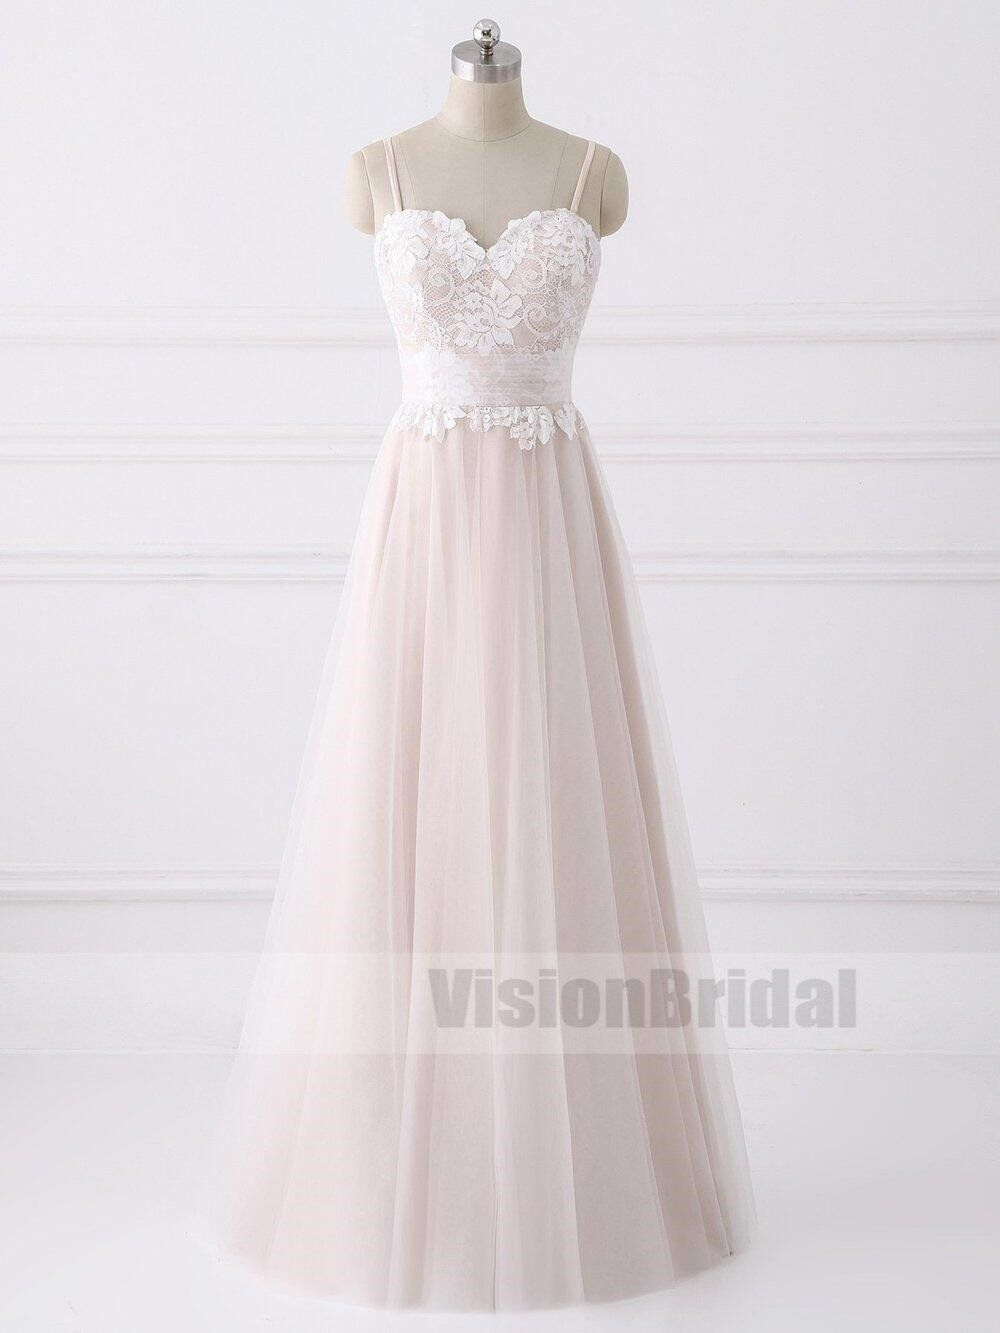 Lovely spaghetti straps sweetheart aline cheap wedding dresses